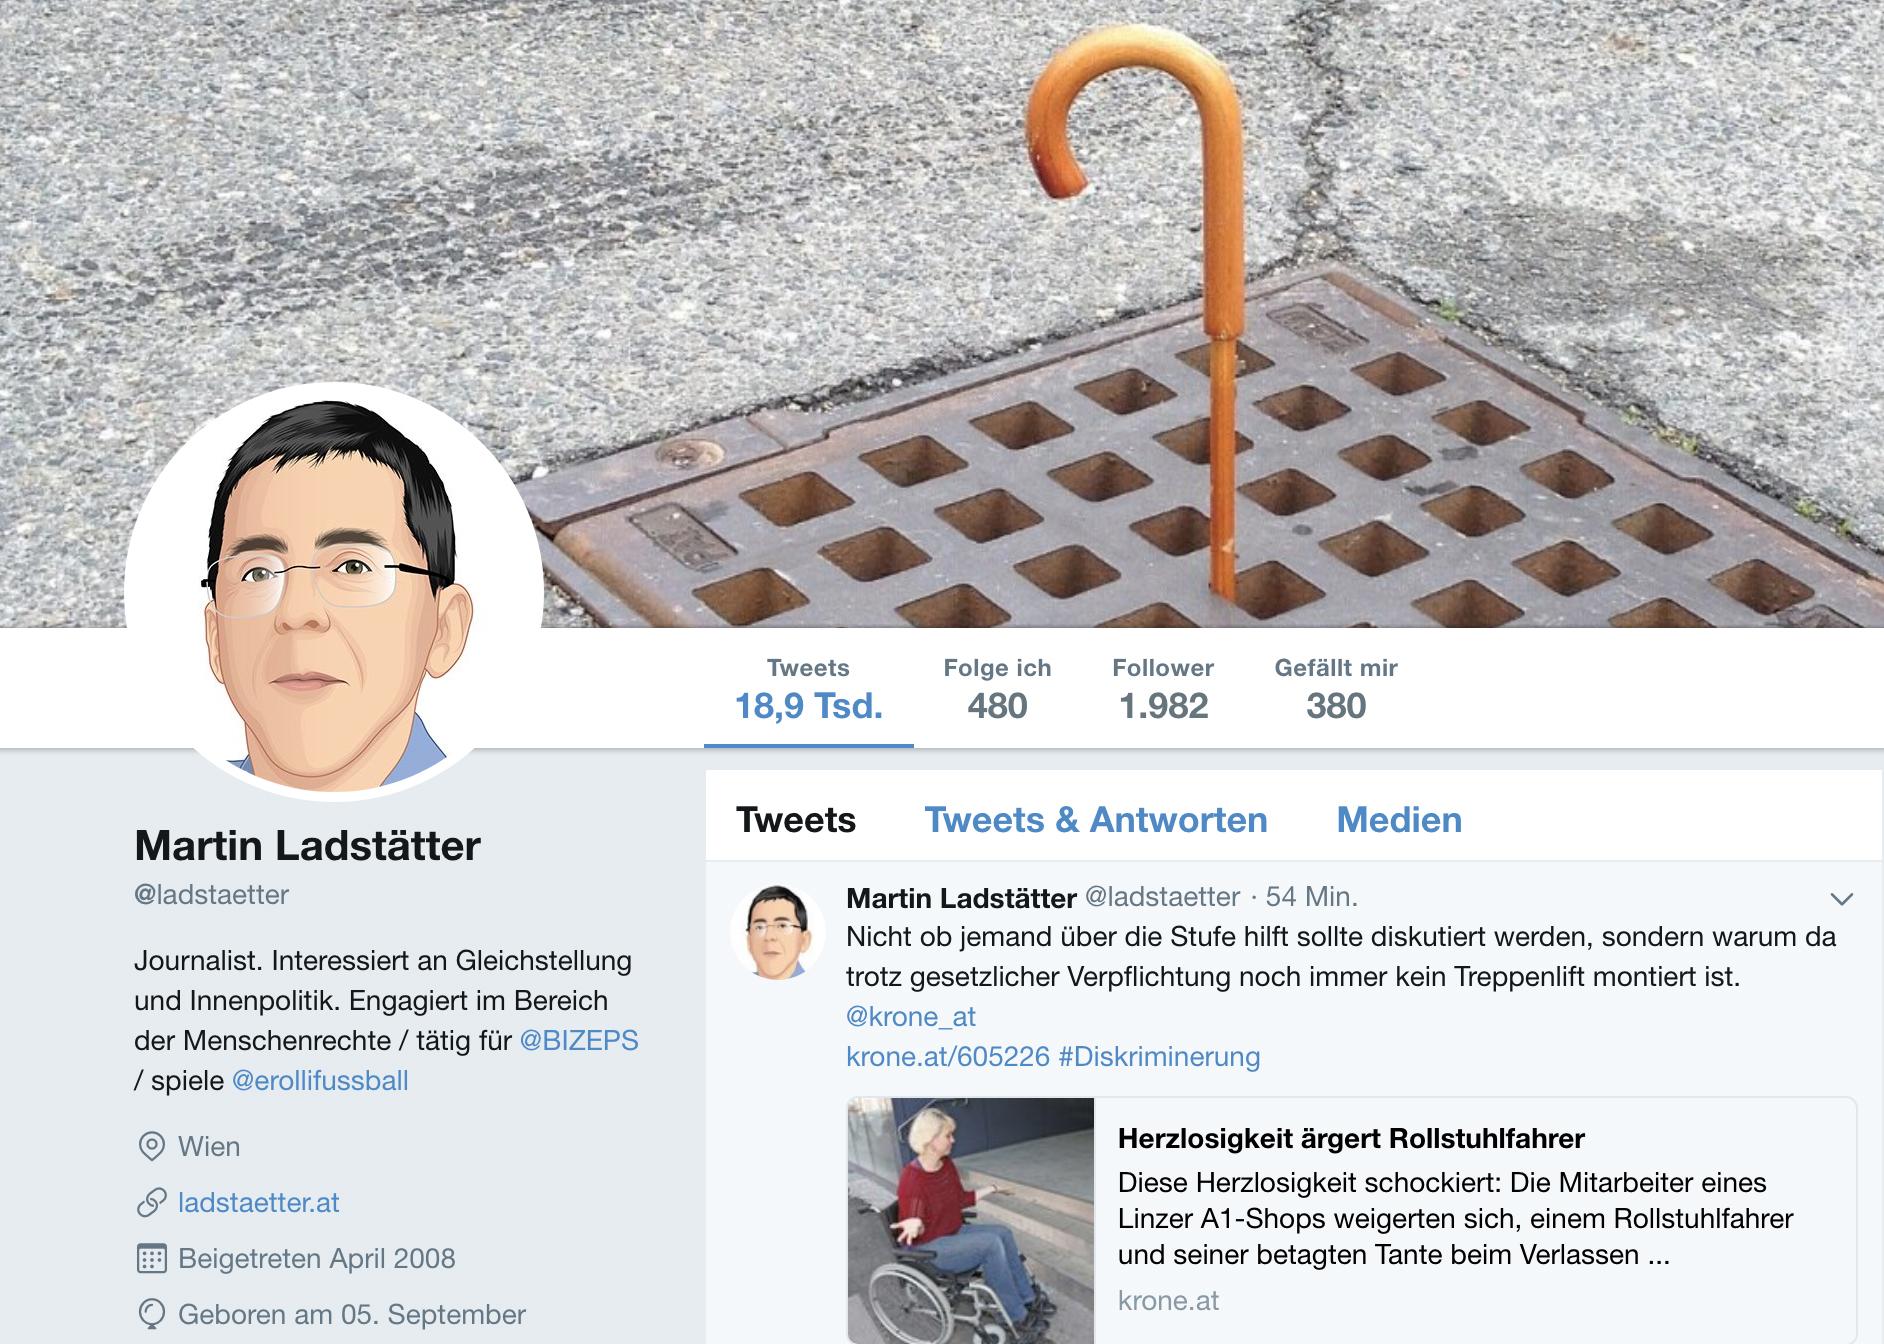 Startseite von Twitter von Martin Ladstätter